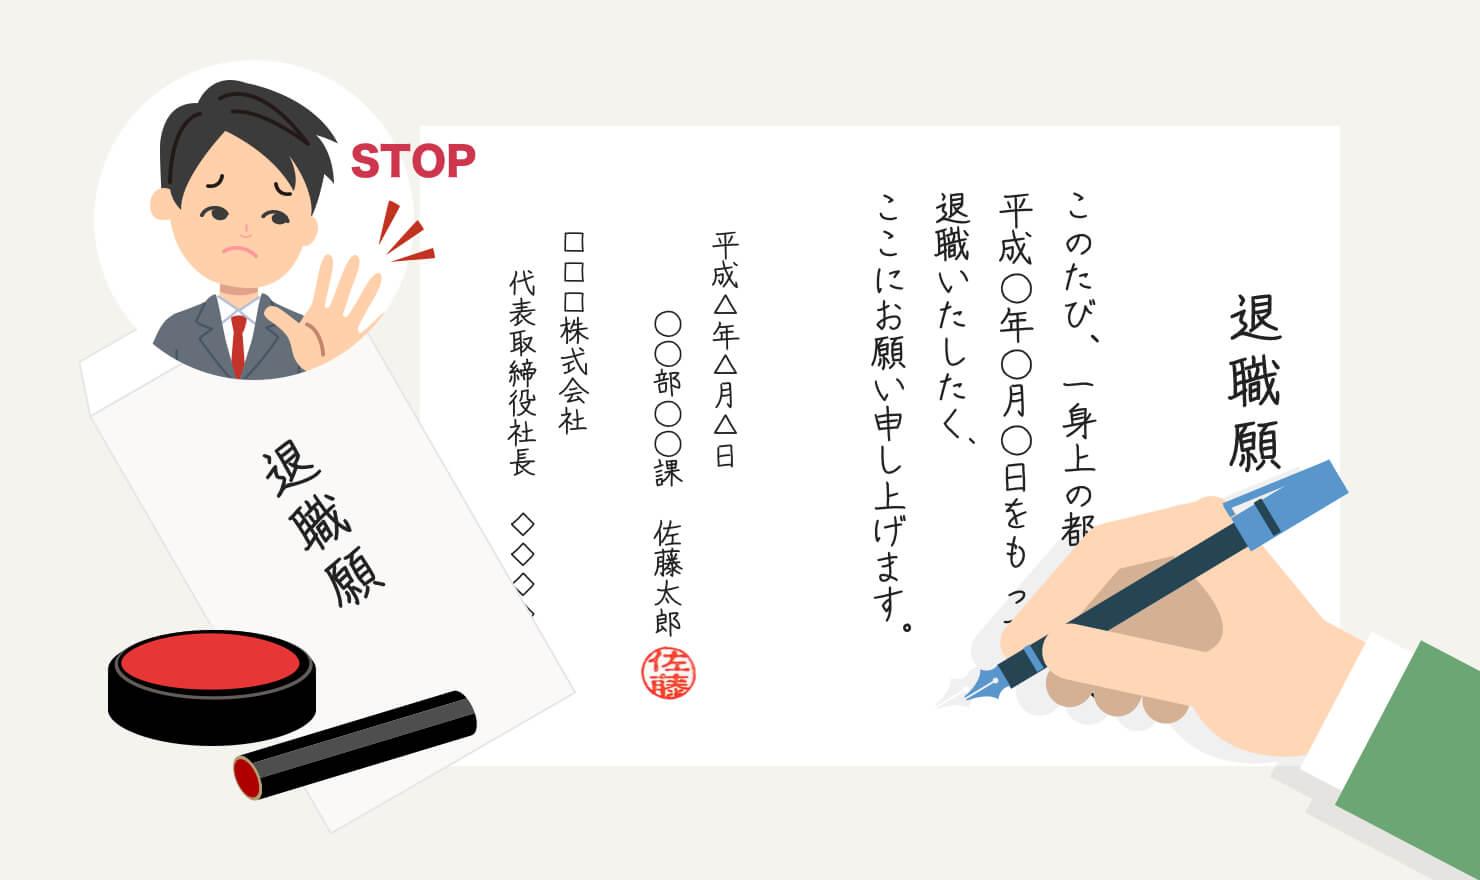 【見本あり】完ペキな退職願にするための書き方・提出マナー